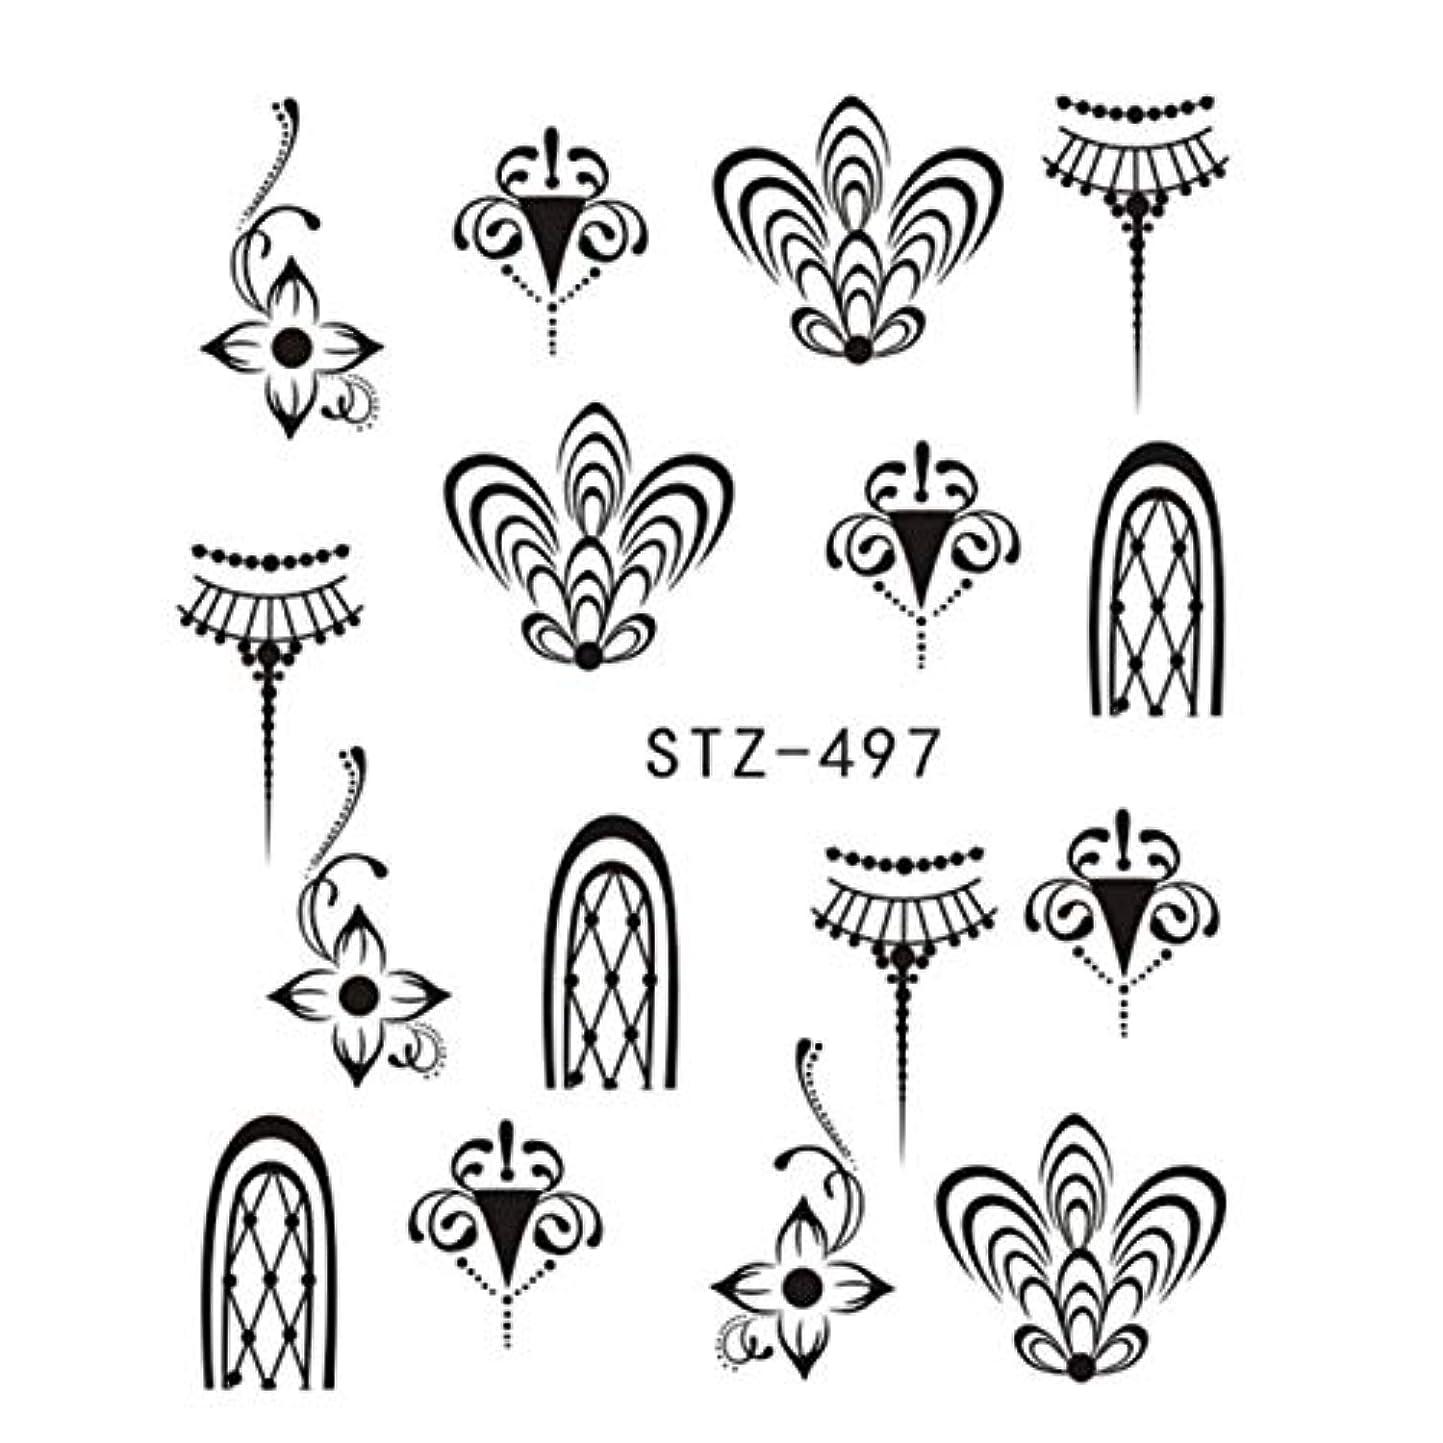 敬な年金受給者用心するサリーの店 パステルデザインパターン新しい芸術芸術装飾芸術装飾芸術(None STZ497)